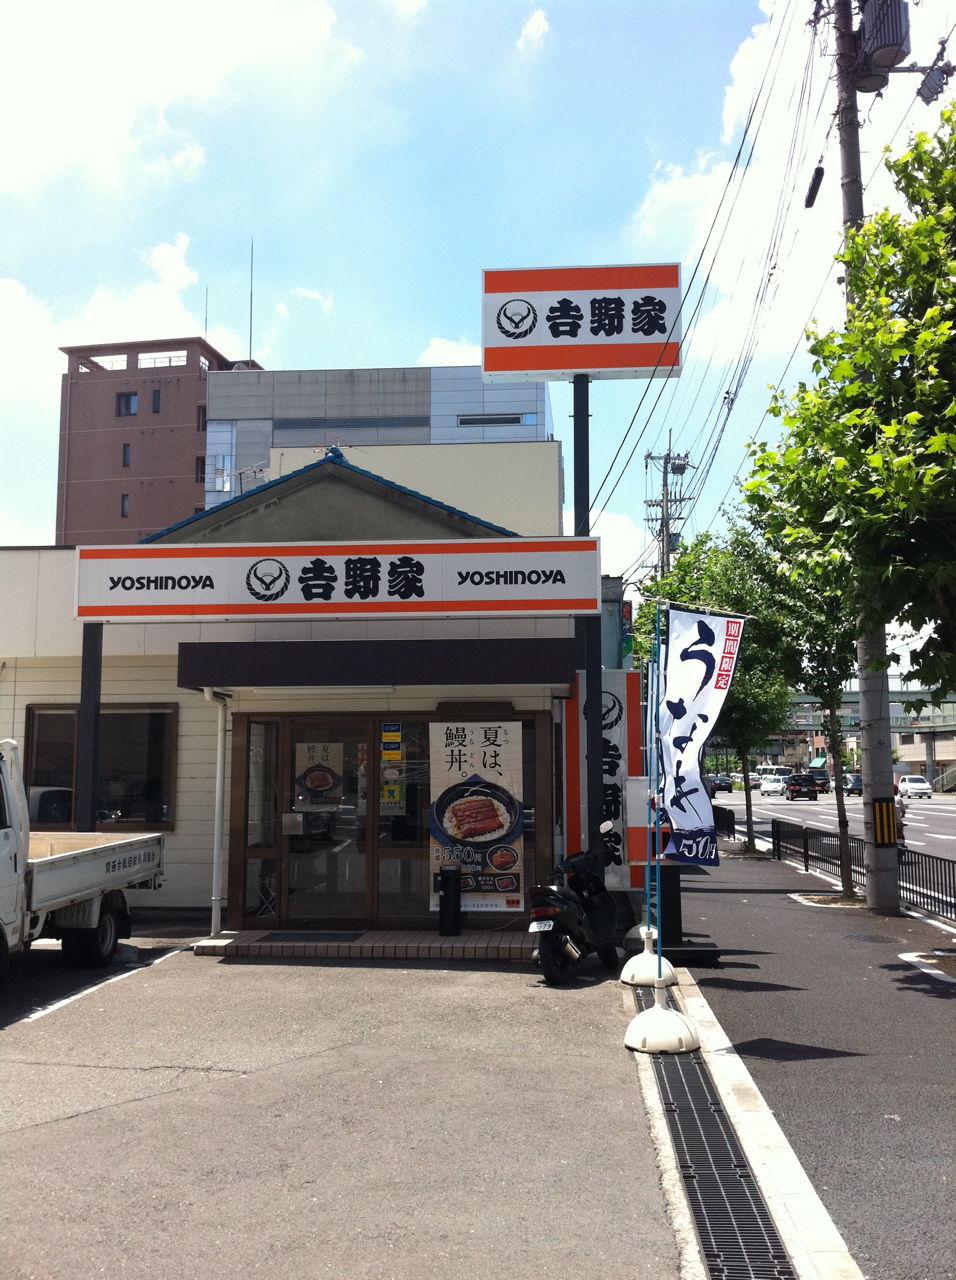 京都市内の吉野家